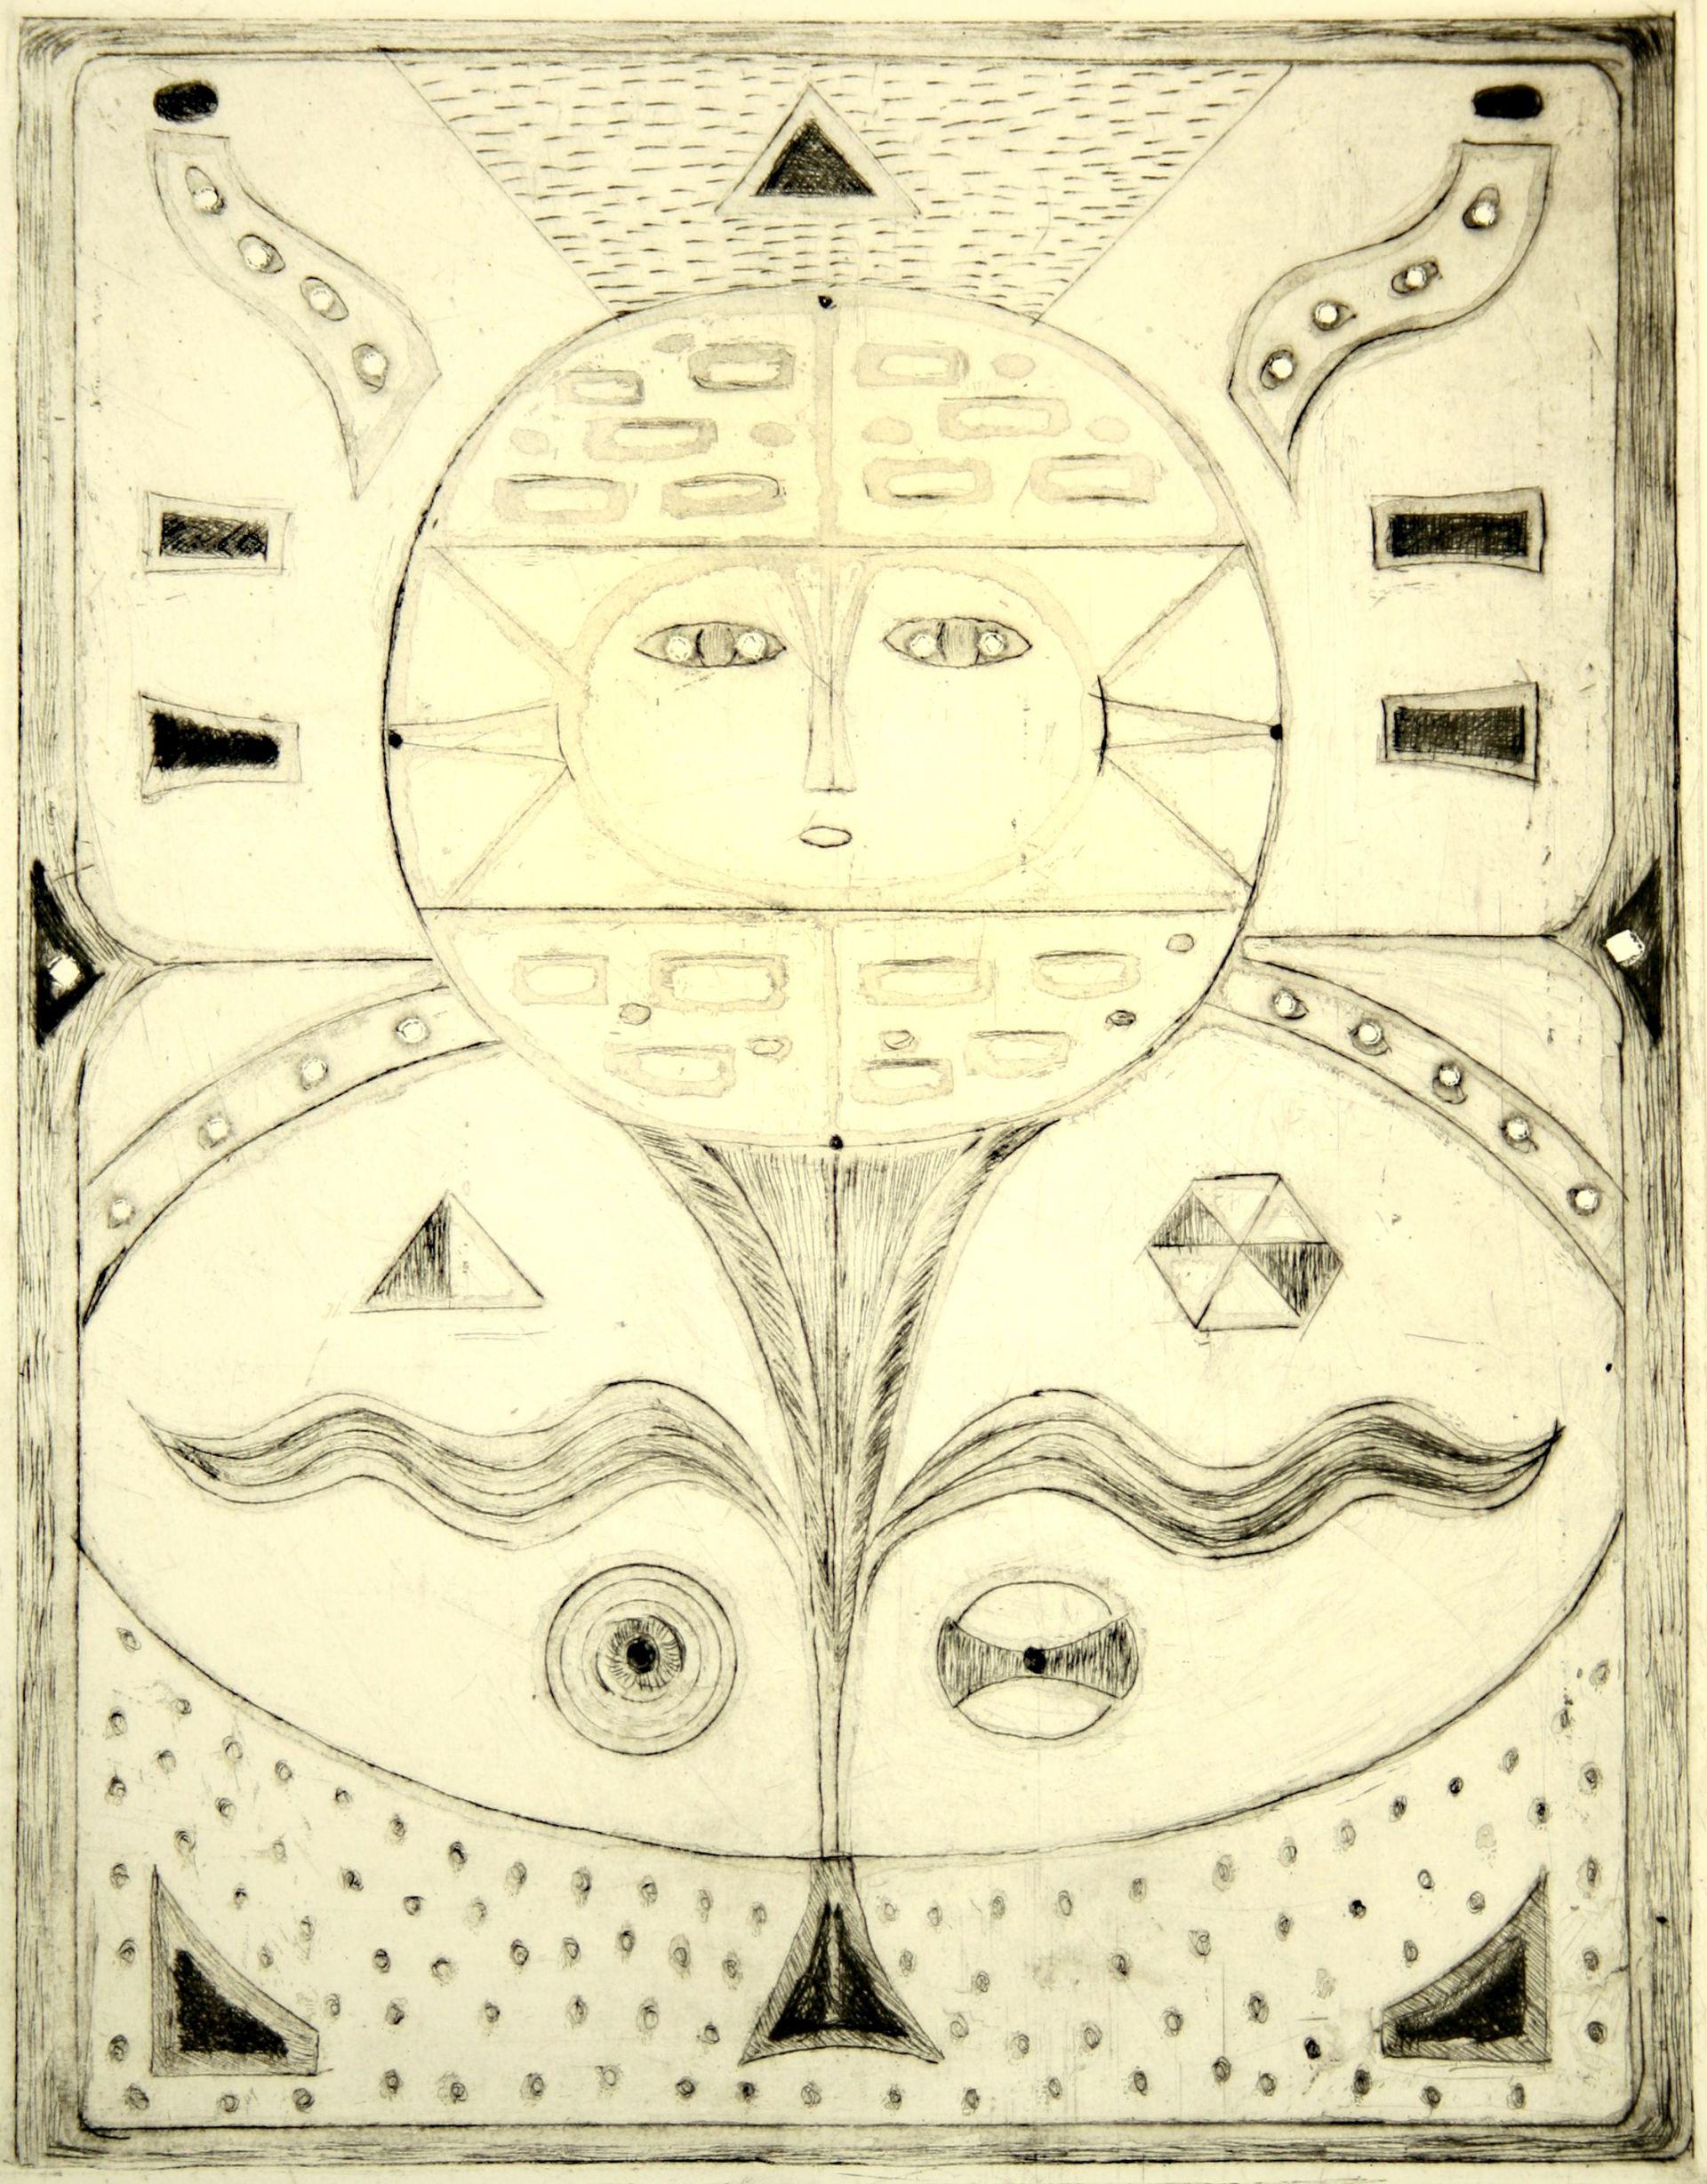 1586b_hoffmann_der_spiegel_3